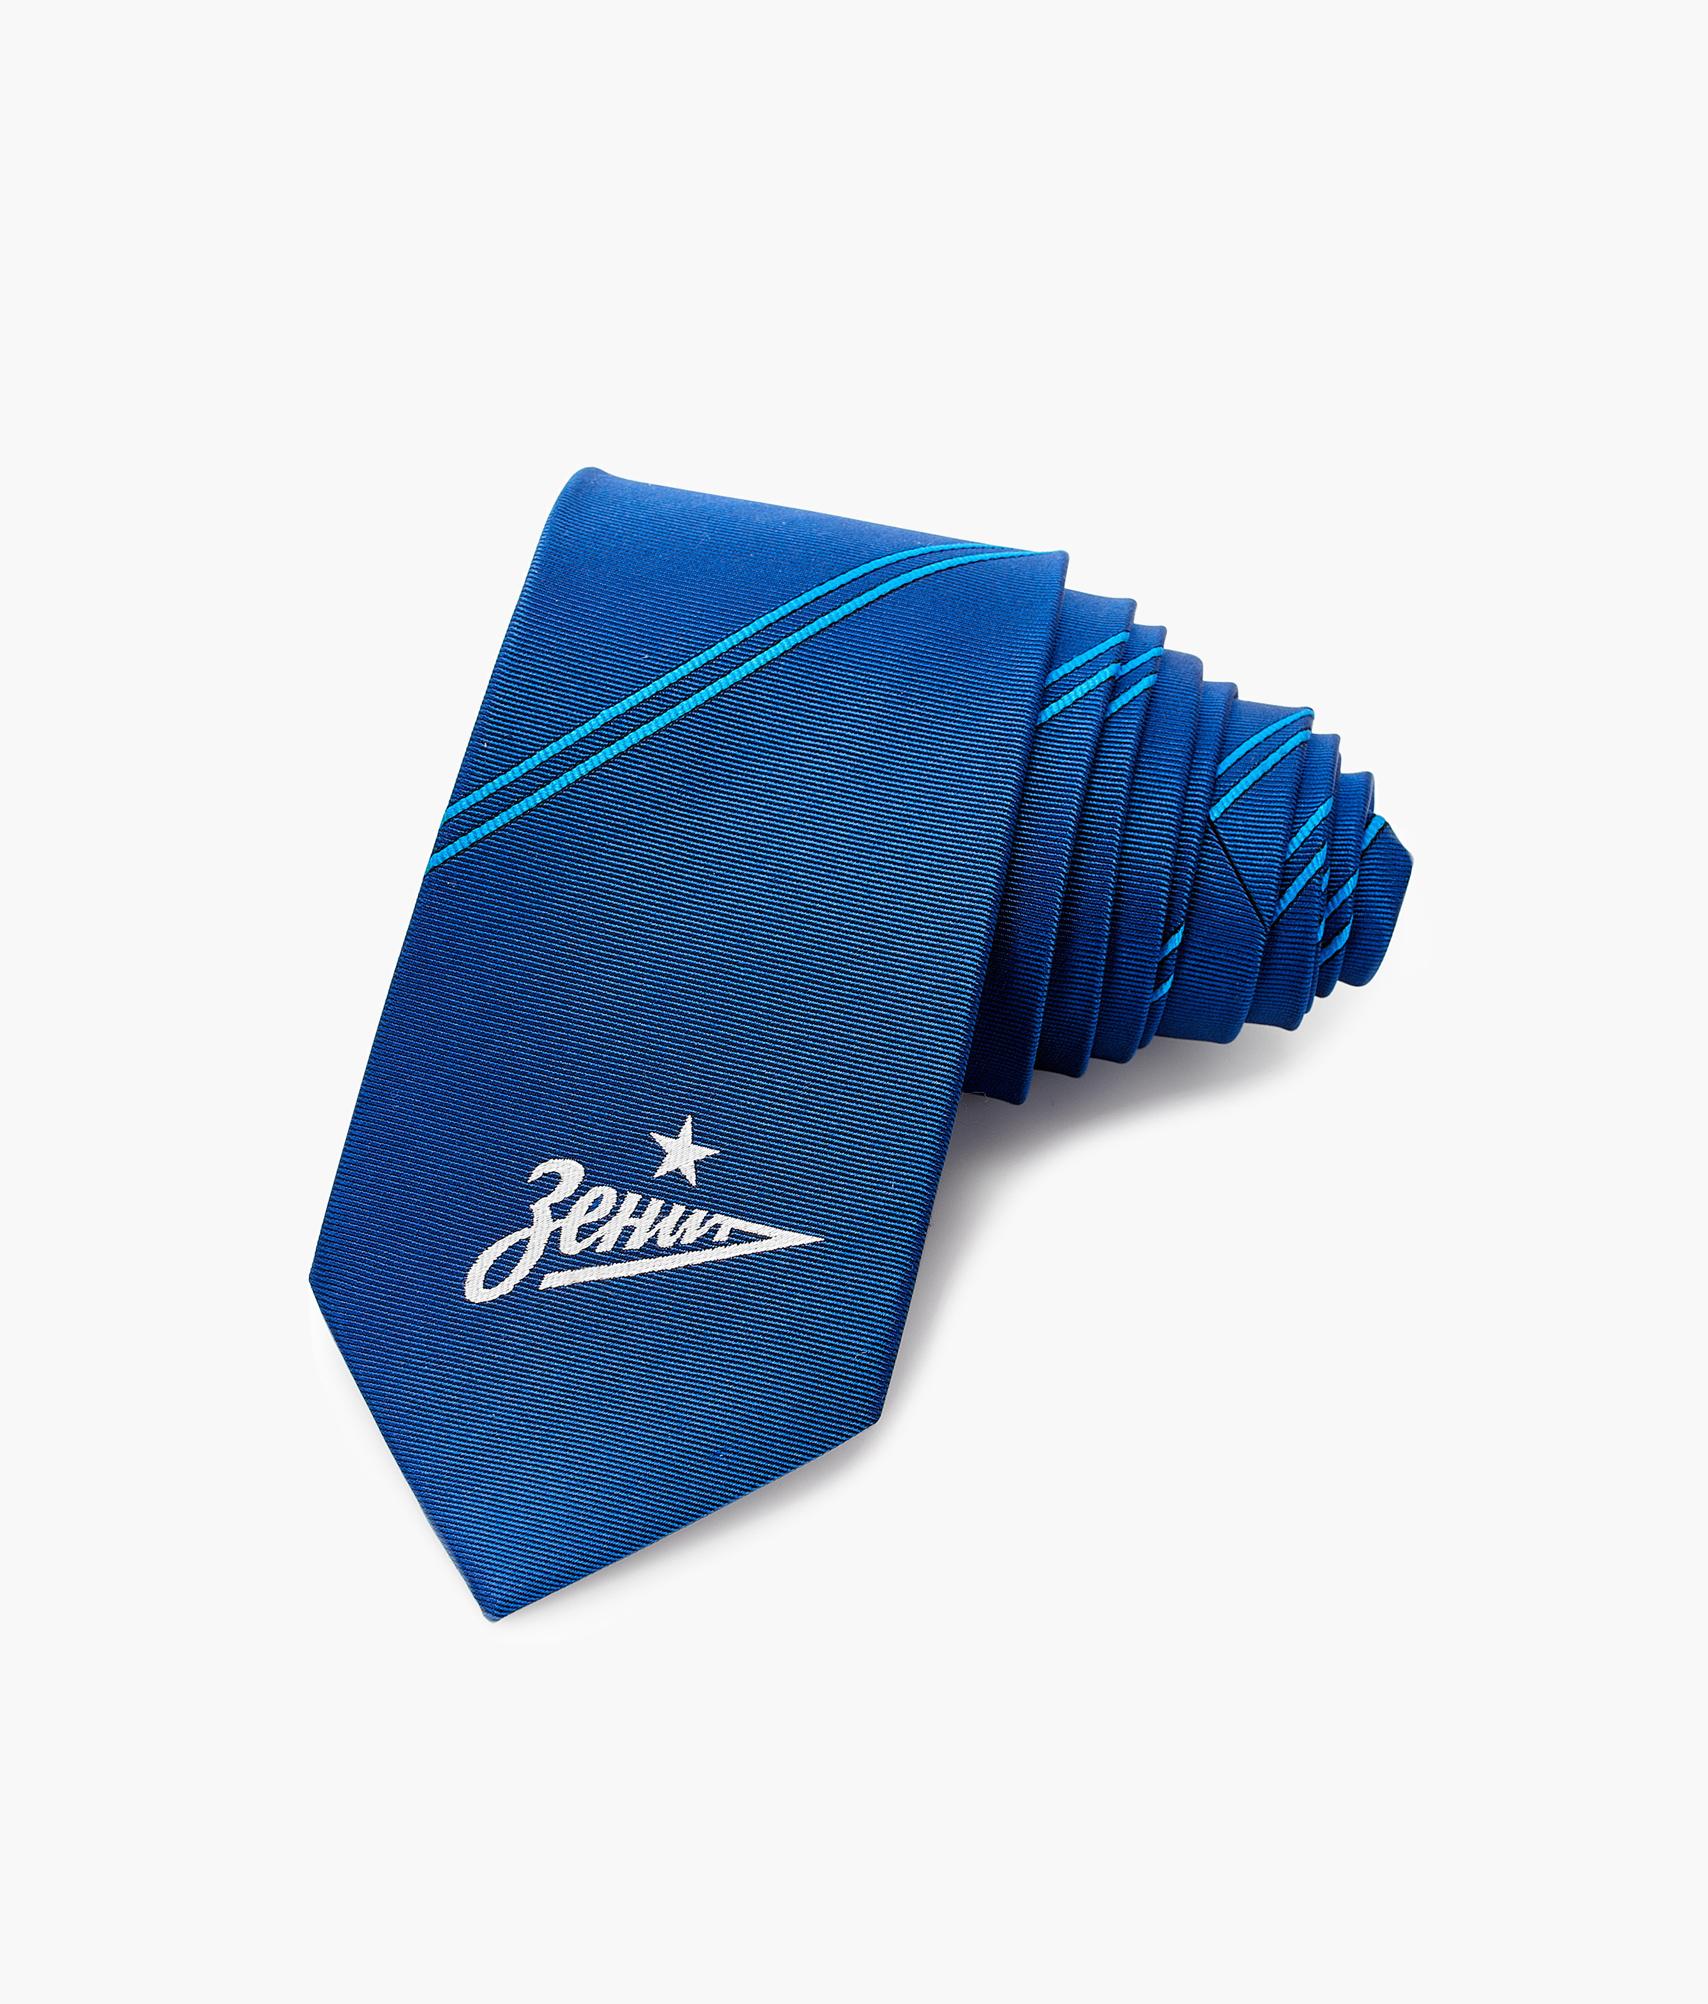 Галстук «Классика» Зенит ждешь удачу смени галстук успешный стиль ведения бизнеса